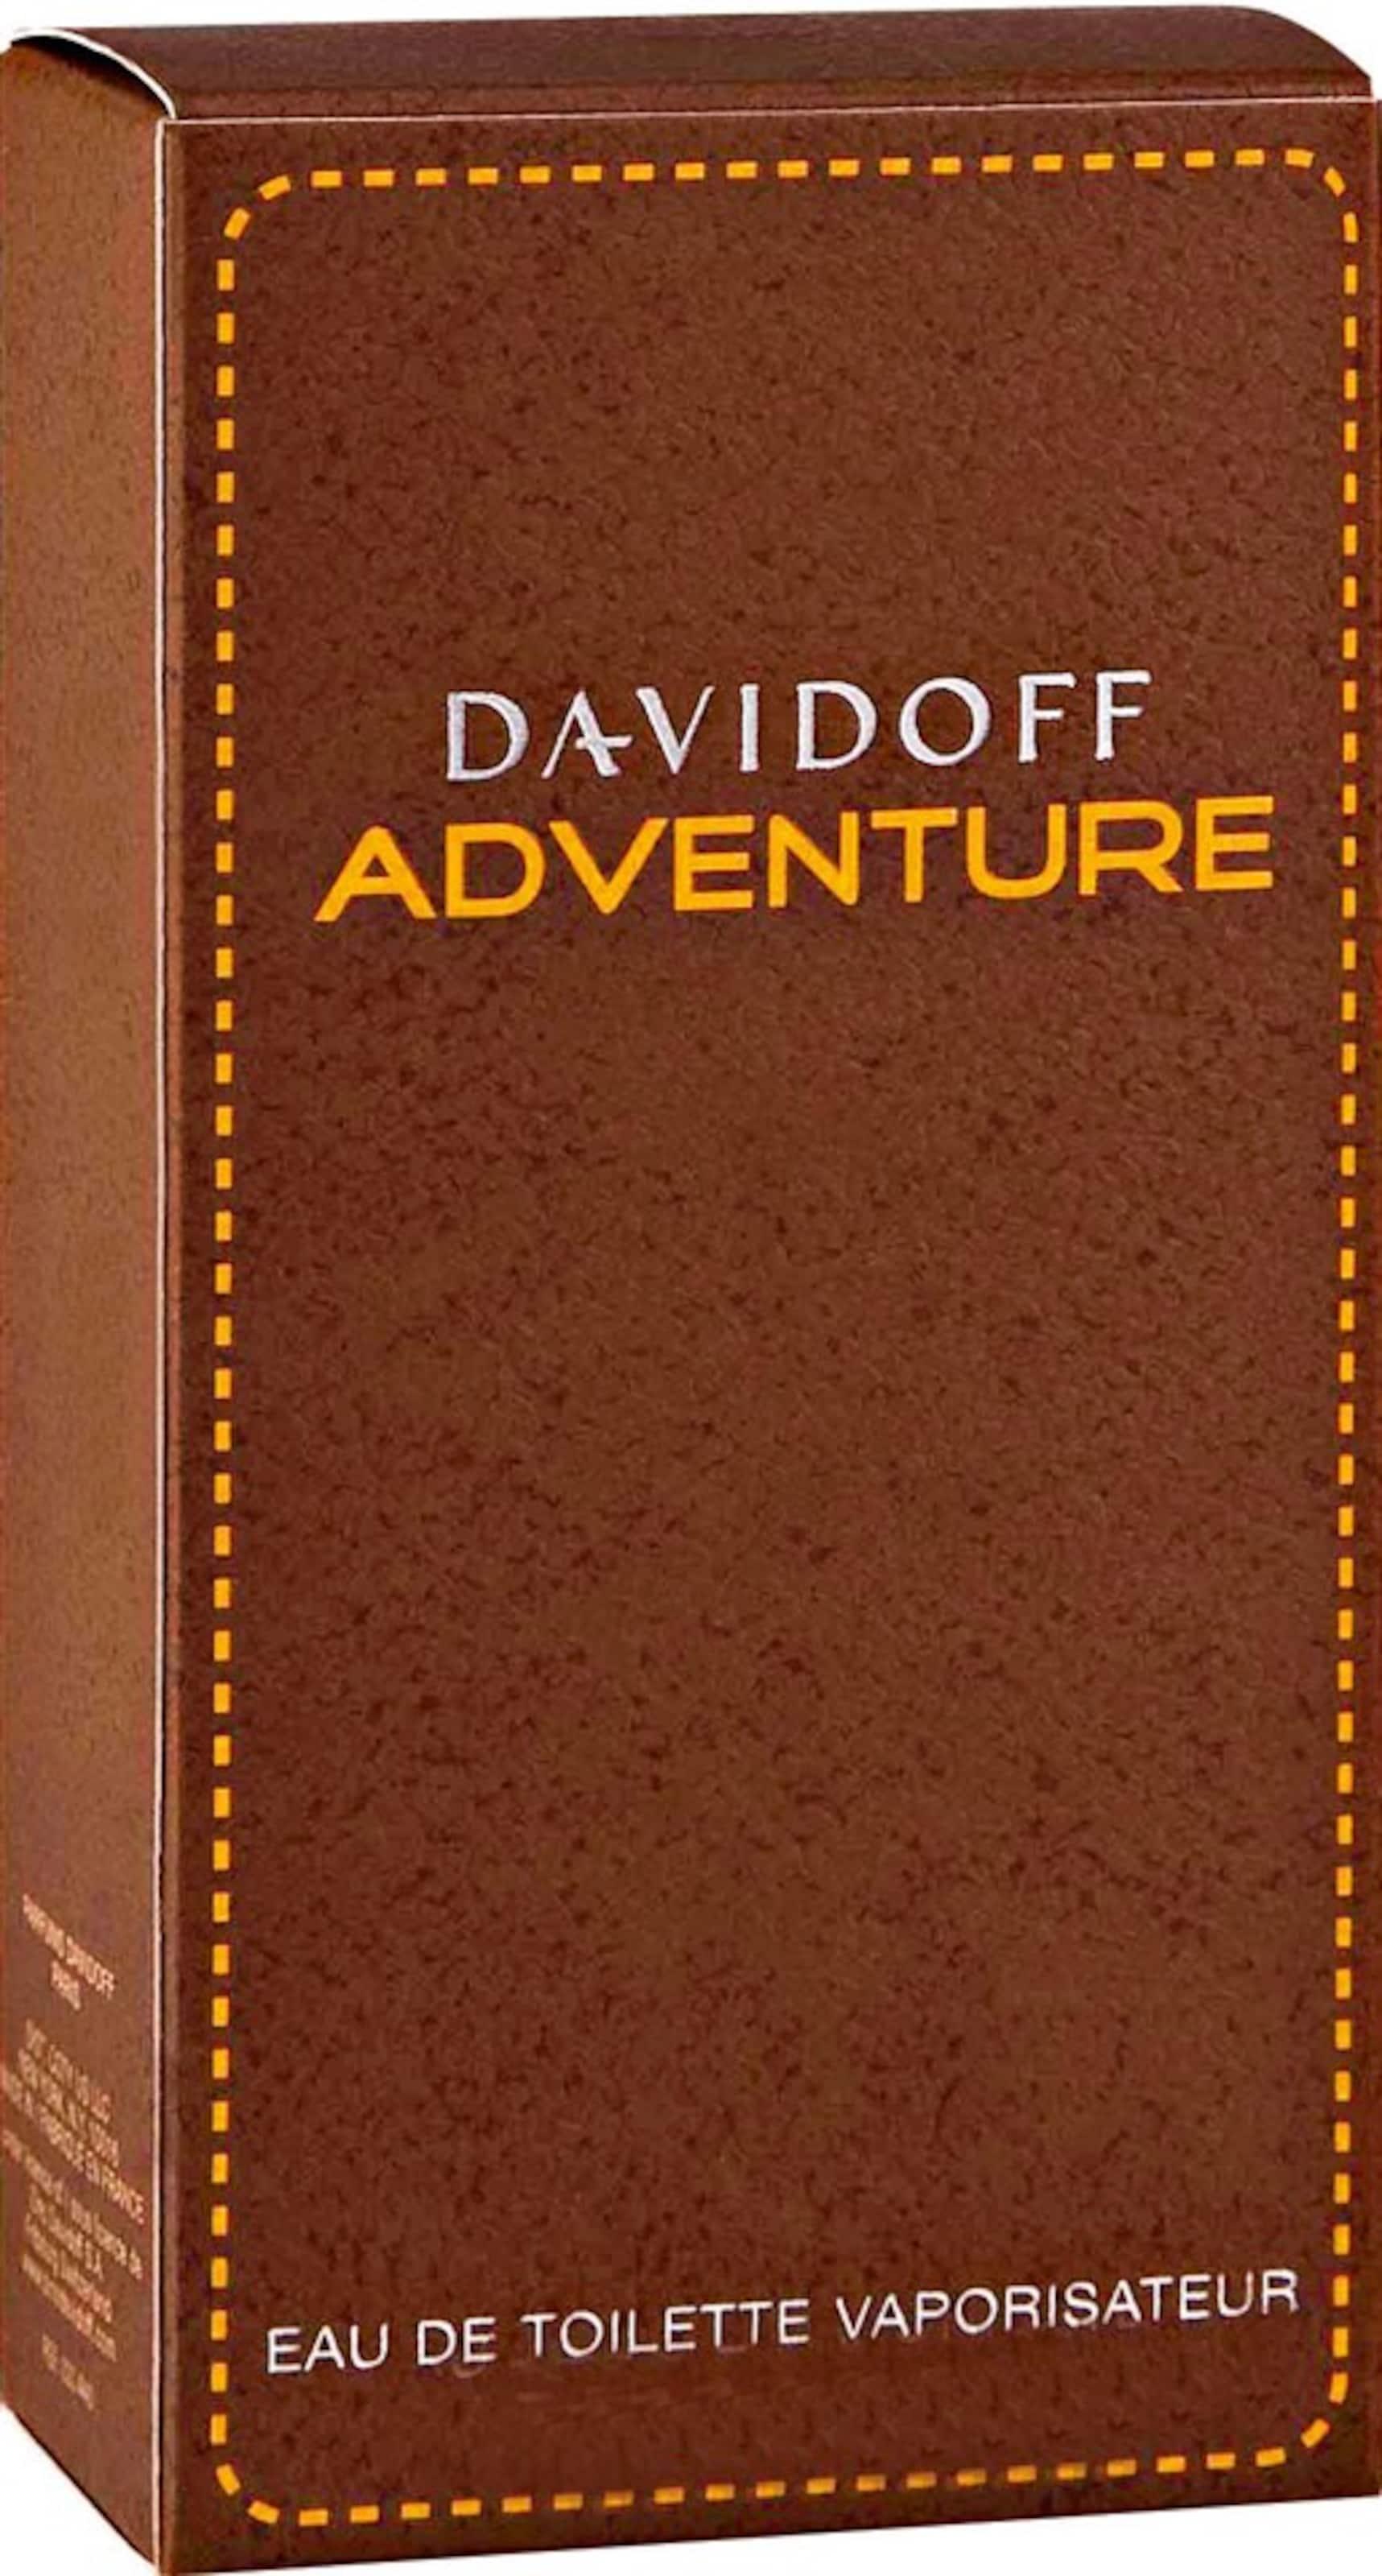 'adventure' Eau Toilette In Davidoff Orange De vN8wmn0